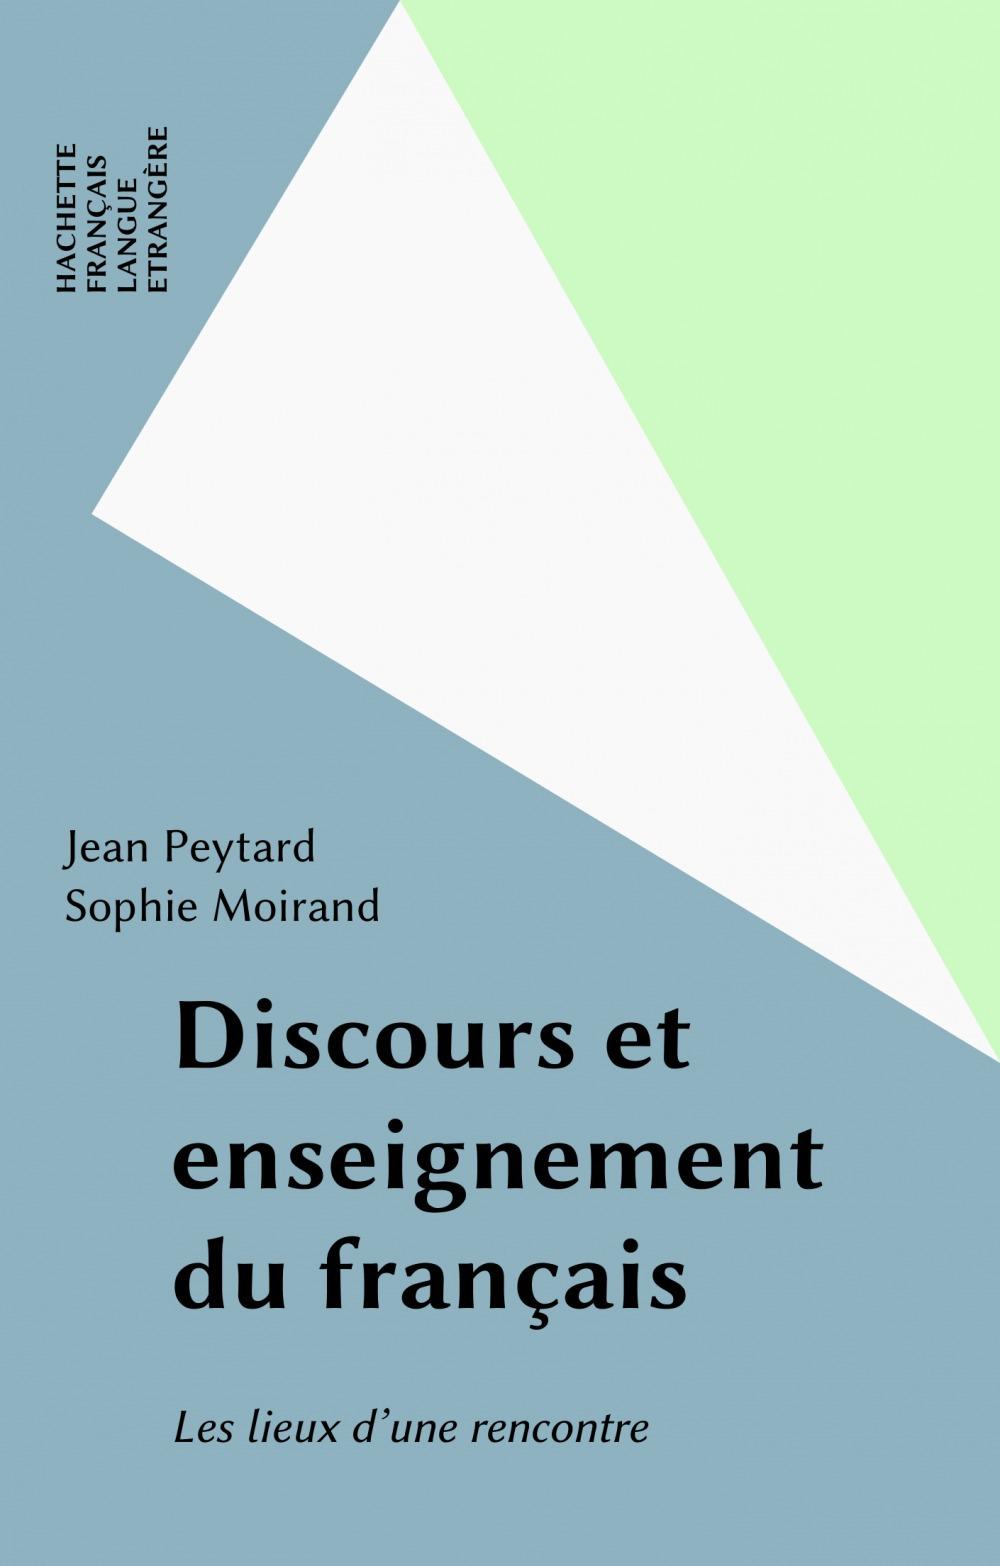 Discours et enseignement du francais ; les lieux d'une rencontre